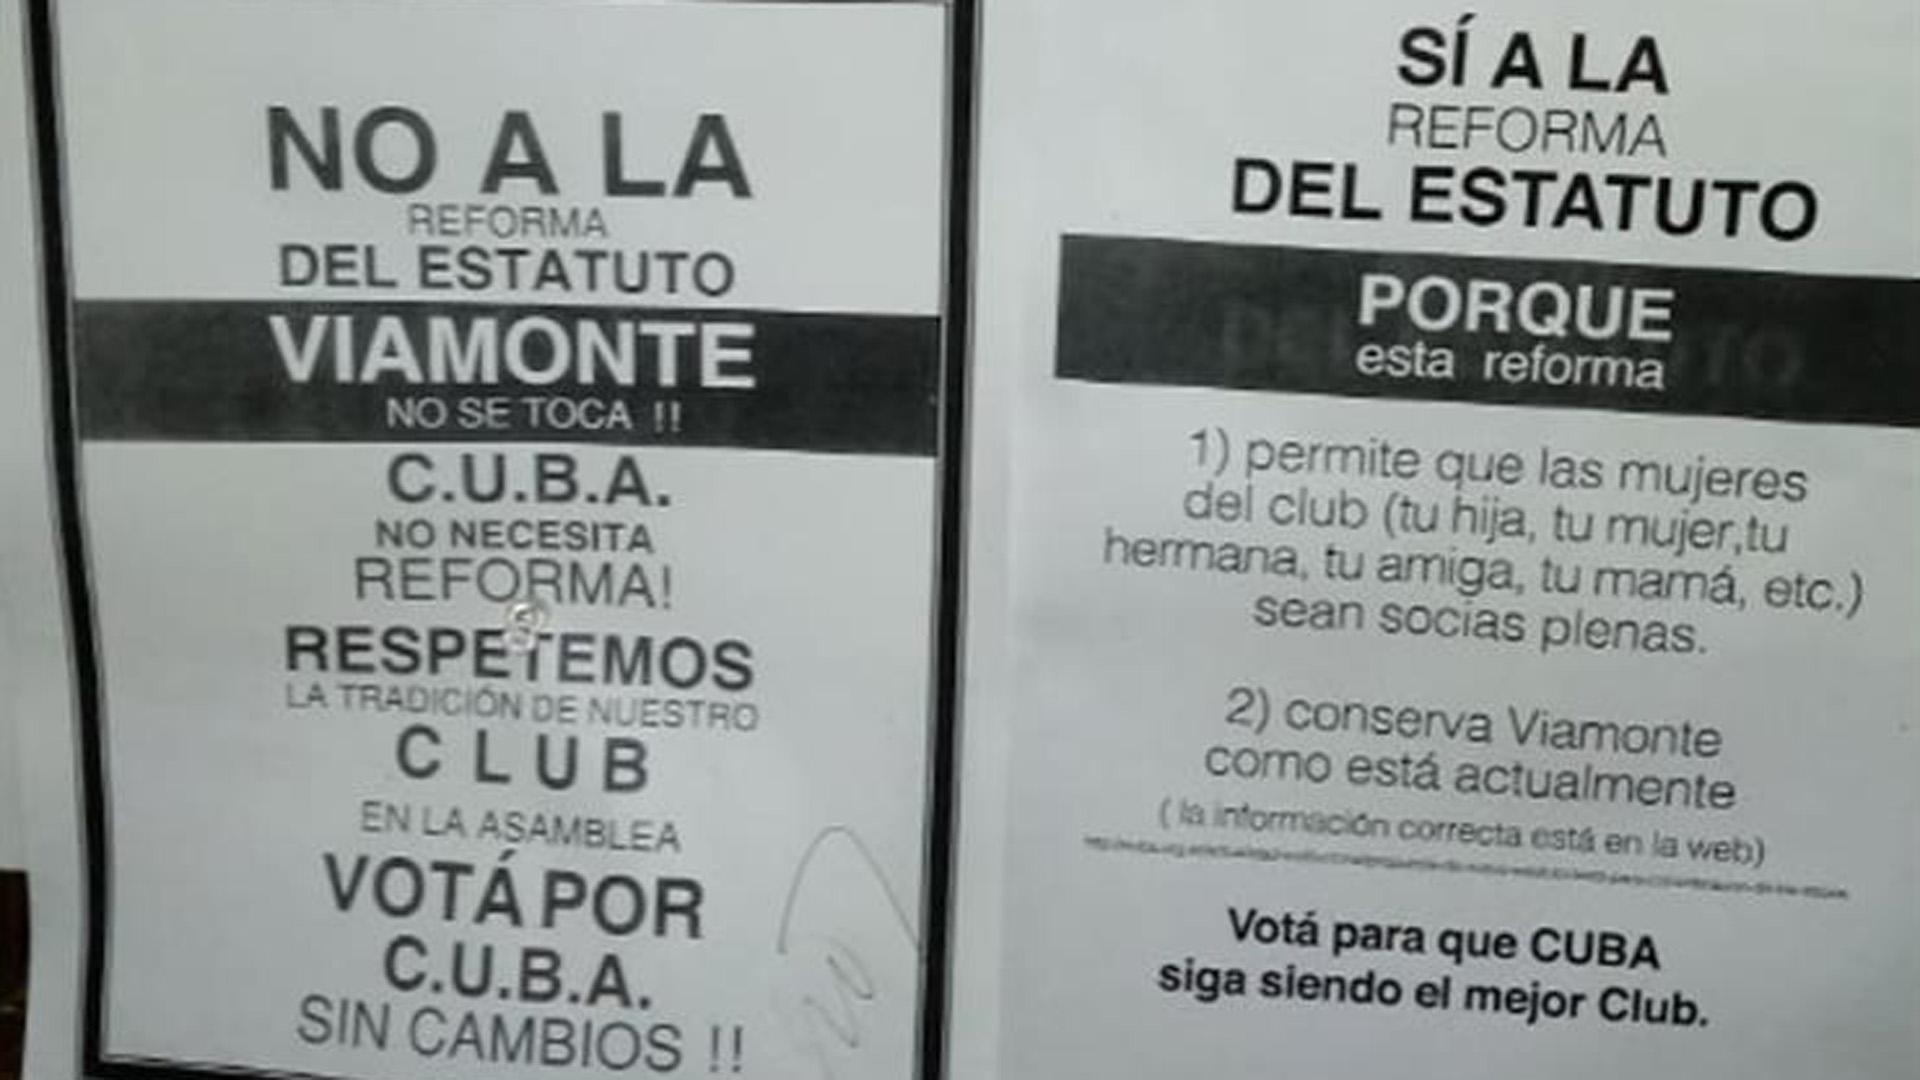 Los carteles a favor y en contra de la reforma que aparecieron en las carteleras del club